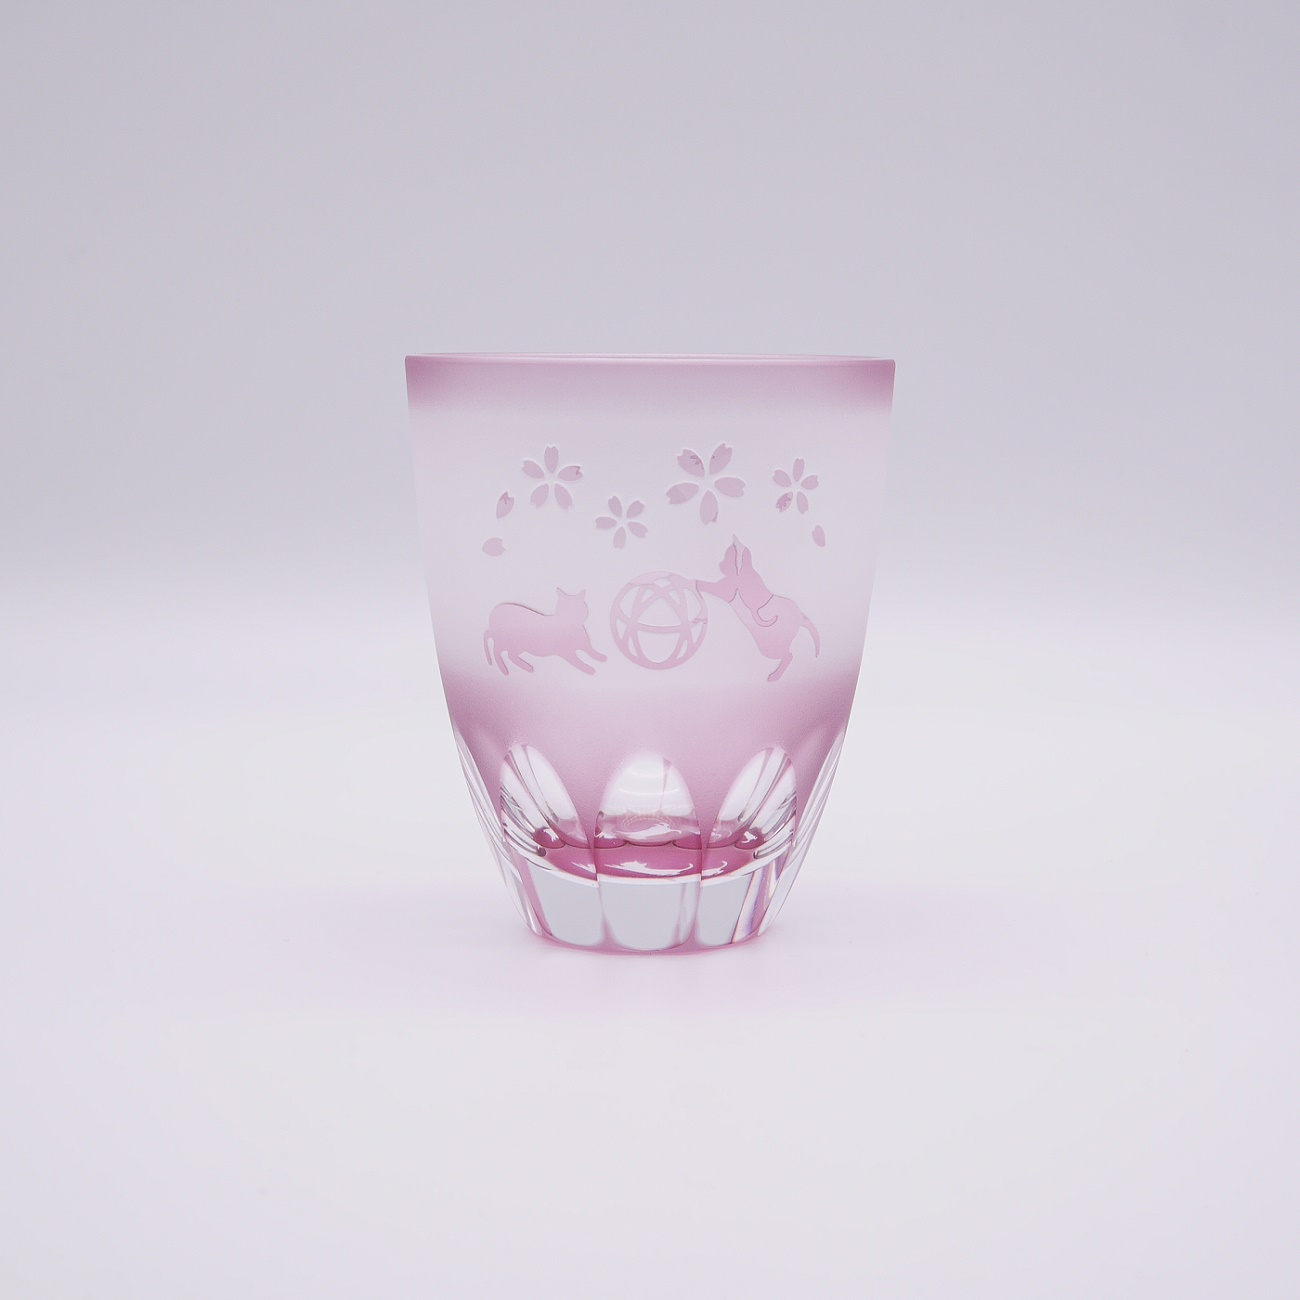 四季折々 月見ねこ 万華鏡万能グラス